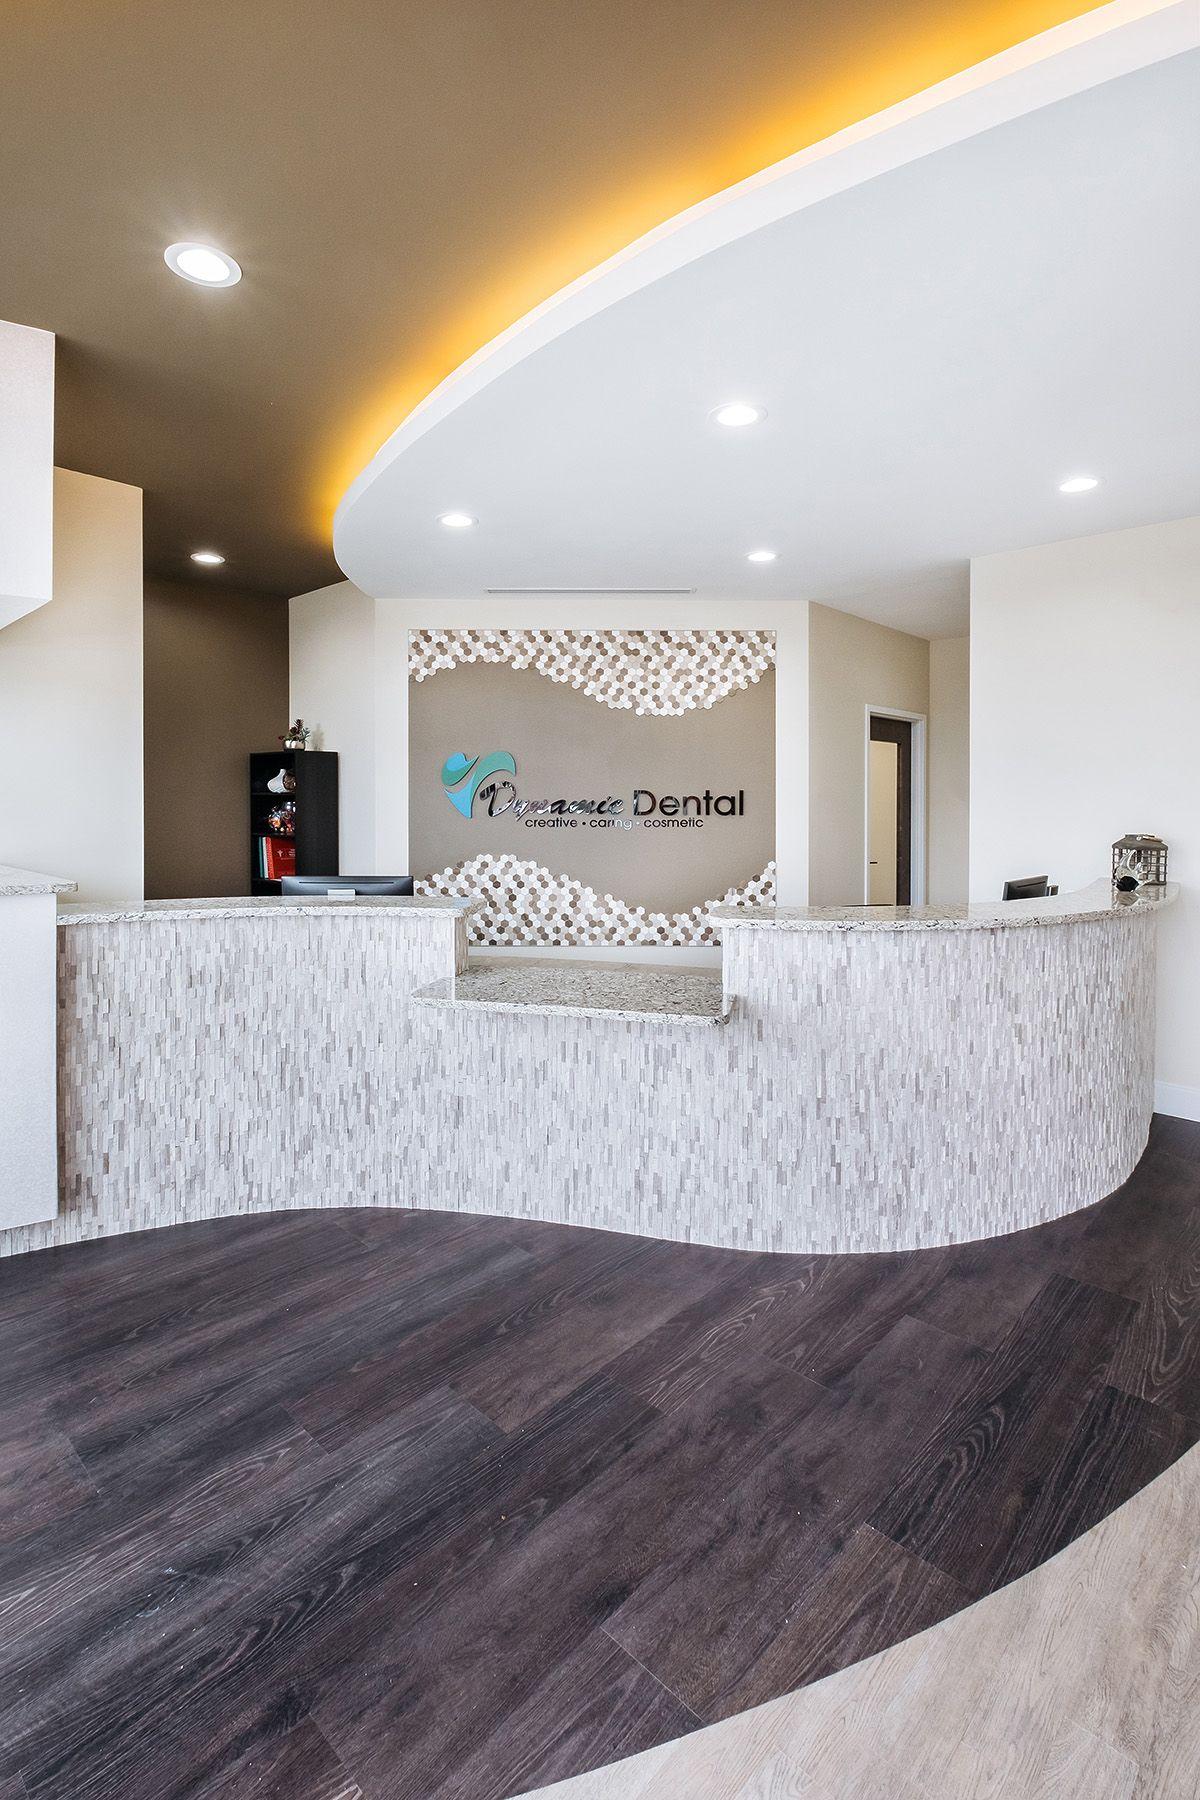 Dynamic Dental Dental Office Design Receptions Dental Office